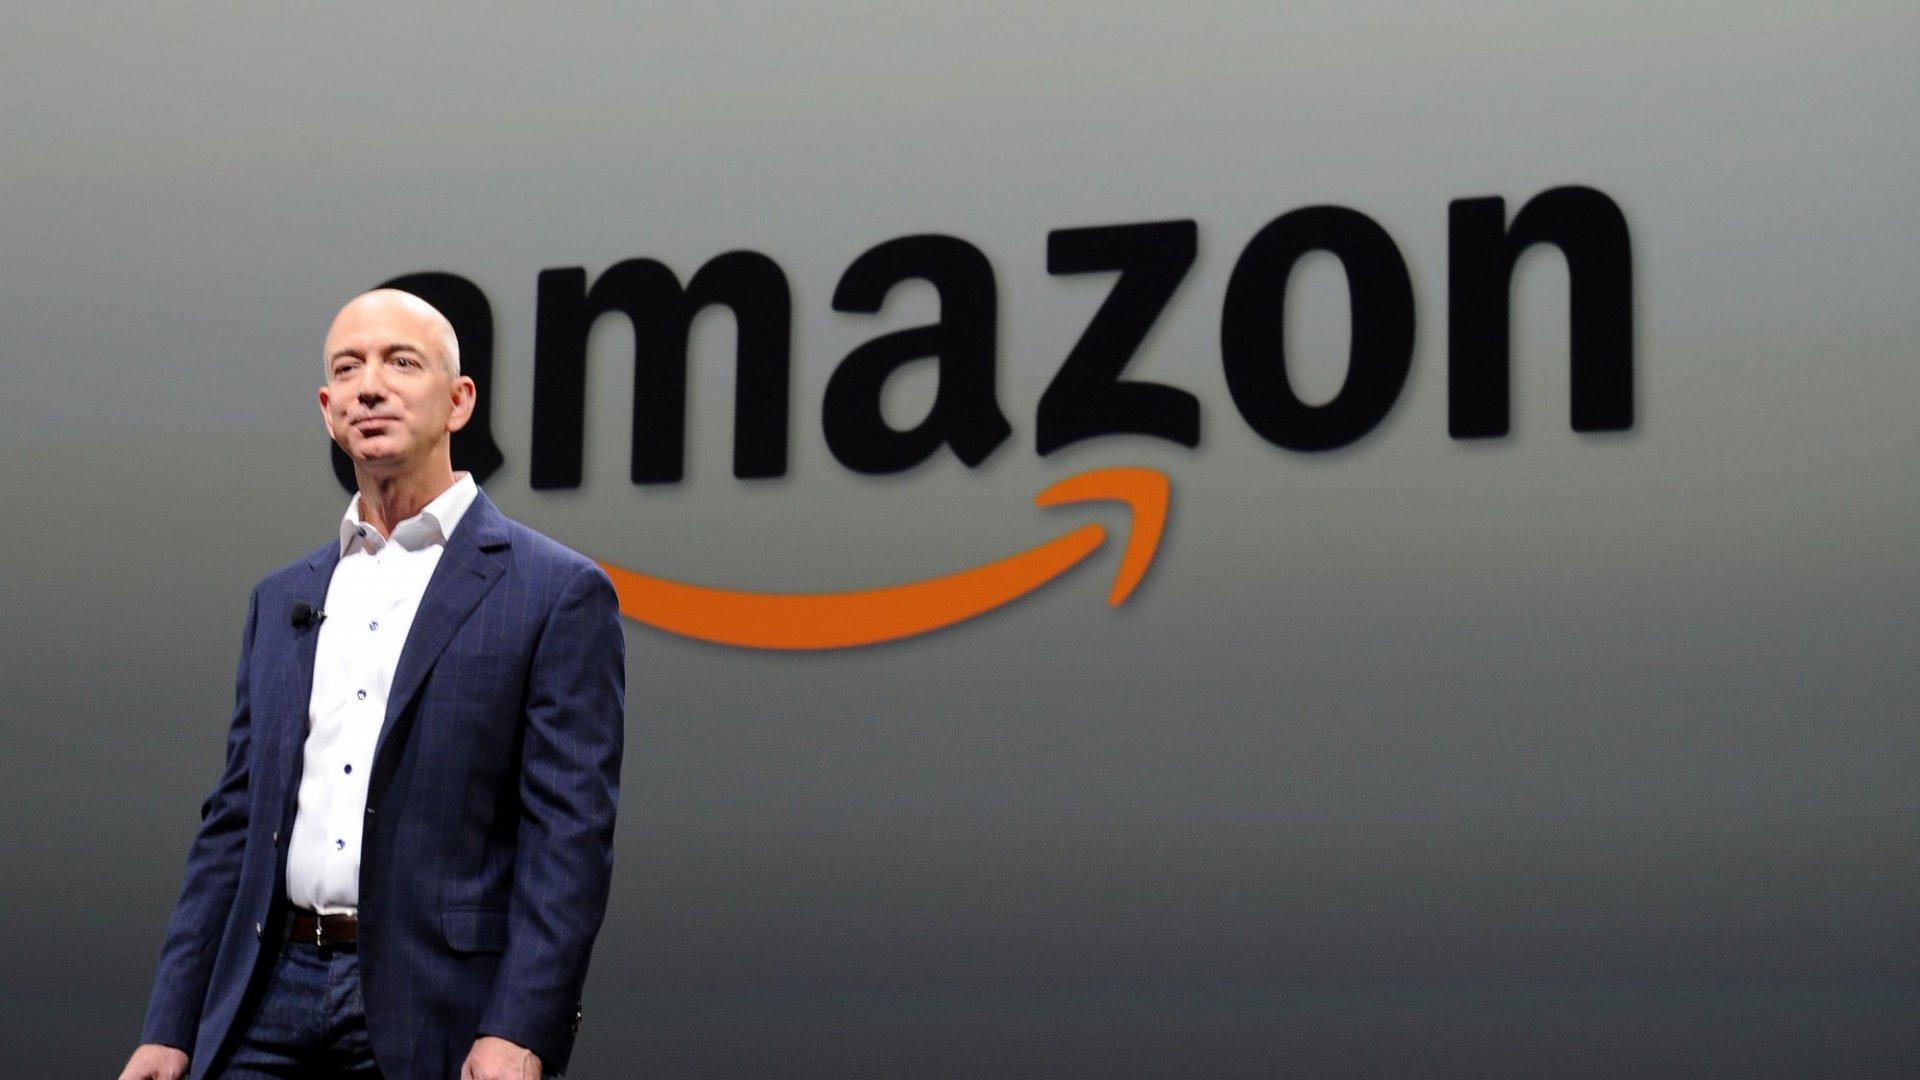 رائد الأعمال جيف بيزوس: تعرف على حياة رائد الأعمال الأمريكي بيزوس مؤسس أمازون -الجزء الأول-